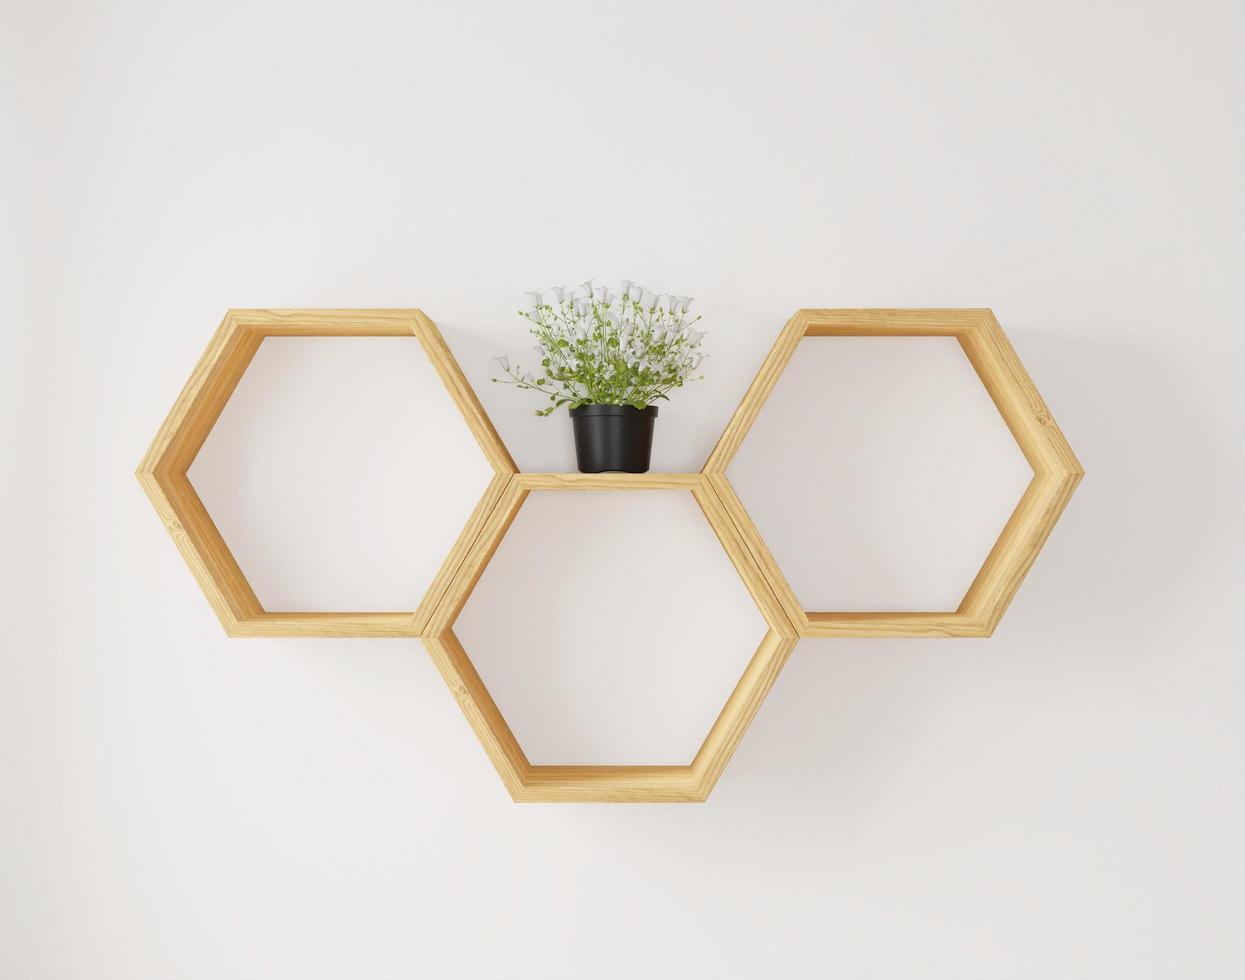 zeshoekige plank en bloem voor kopie ruimte of mock-up foto